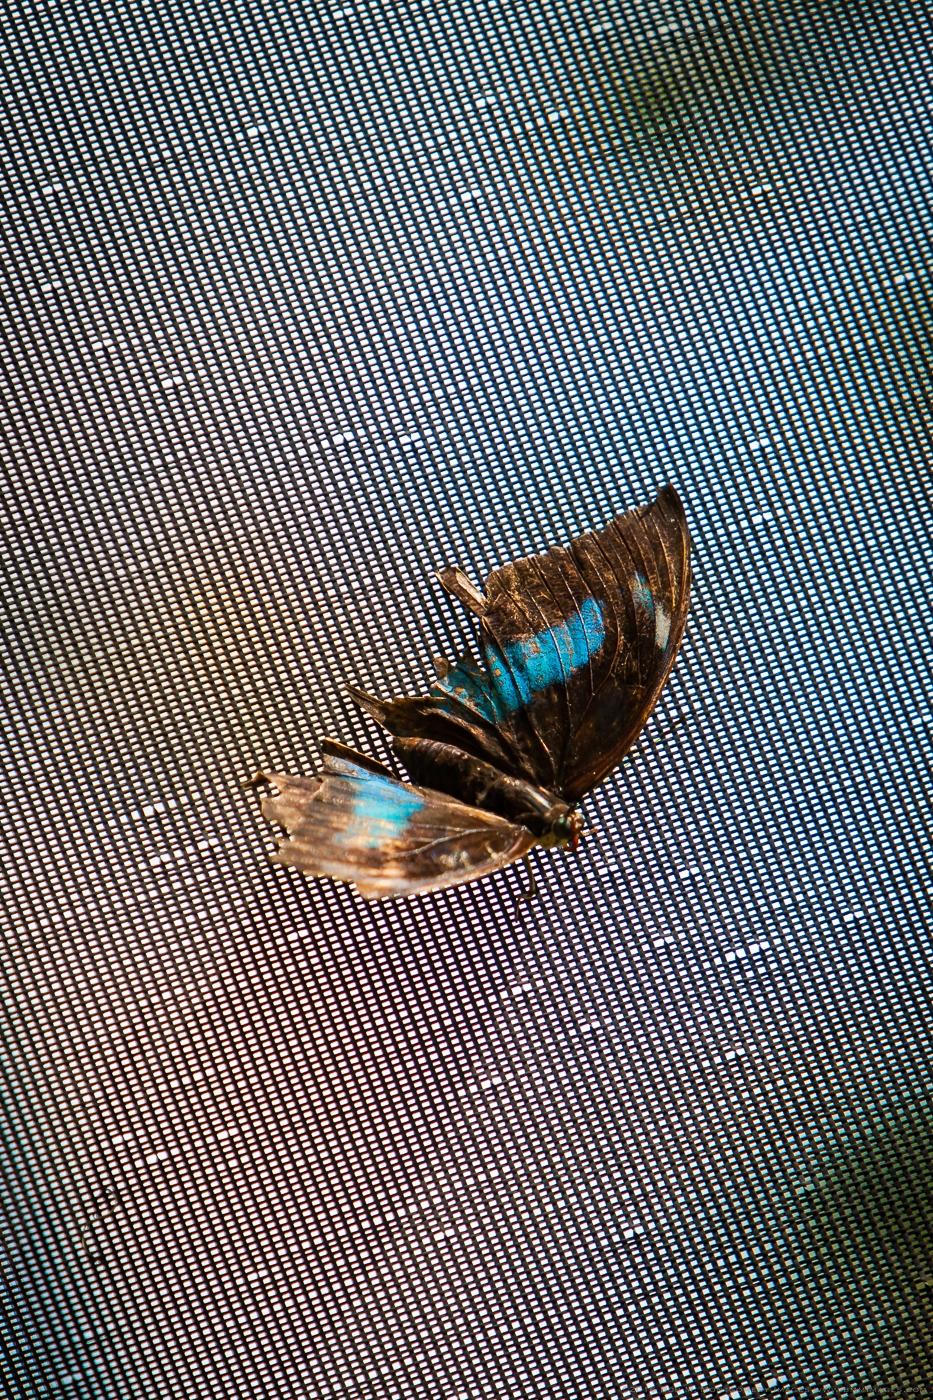 Aruba 20120506 - 0037.jpg